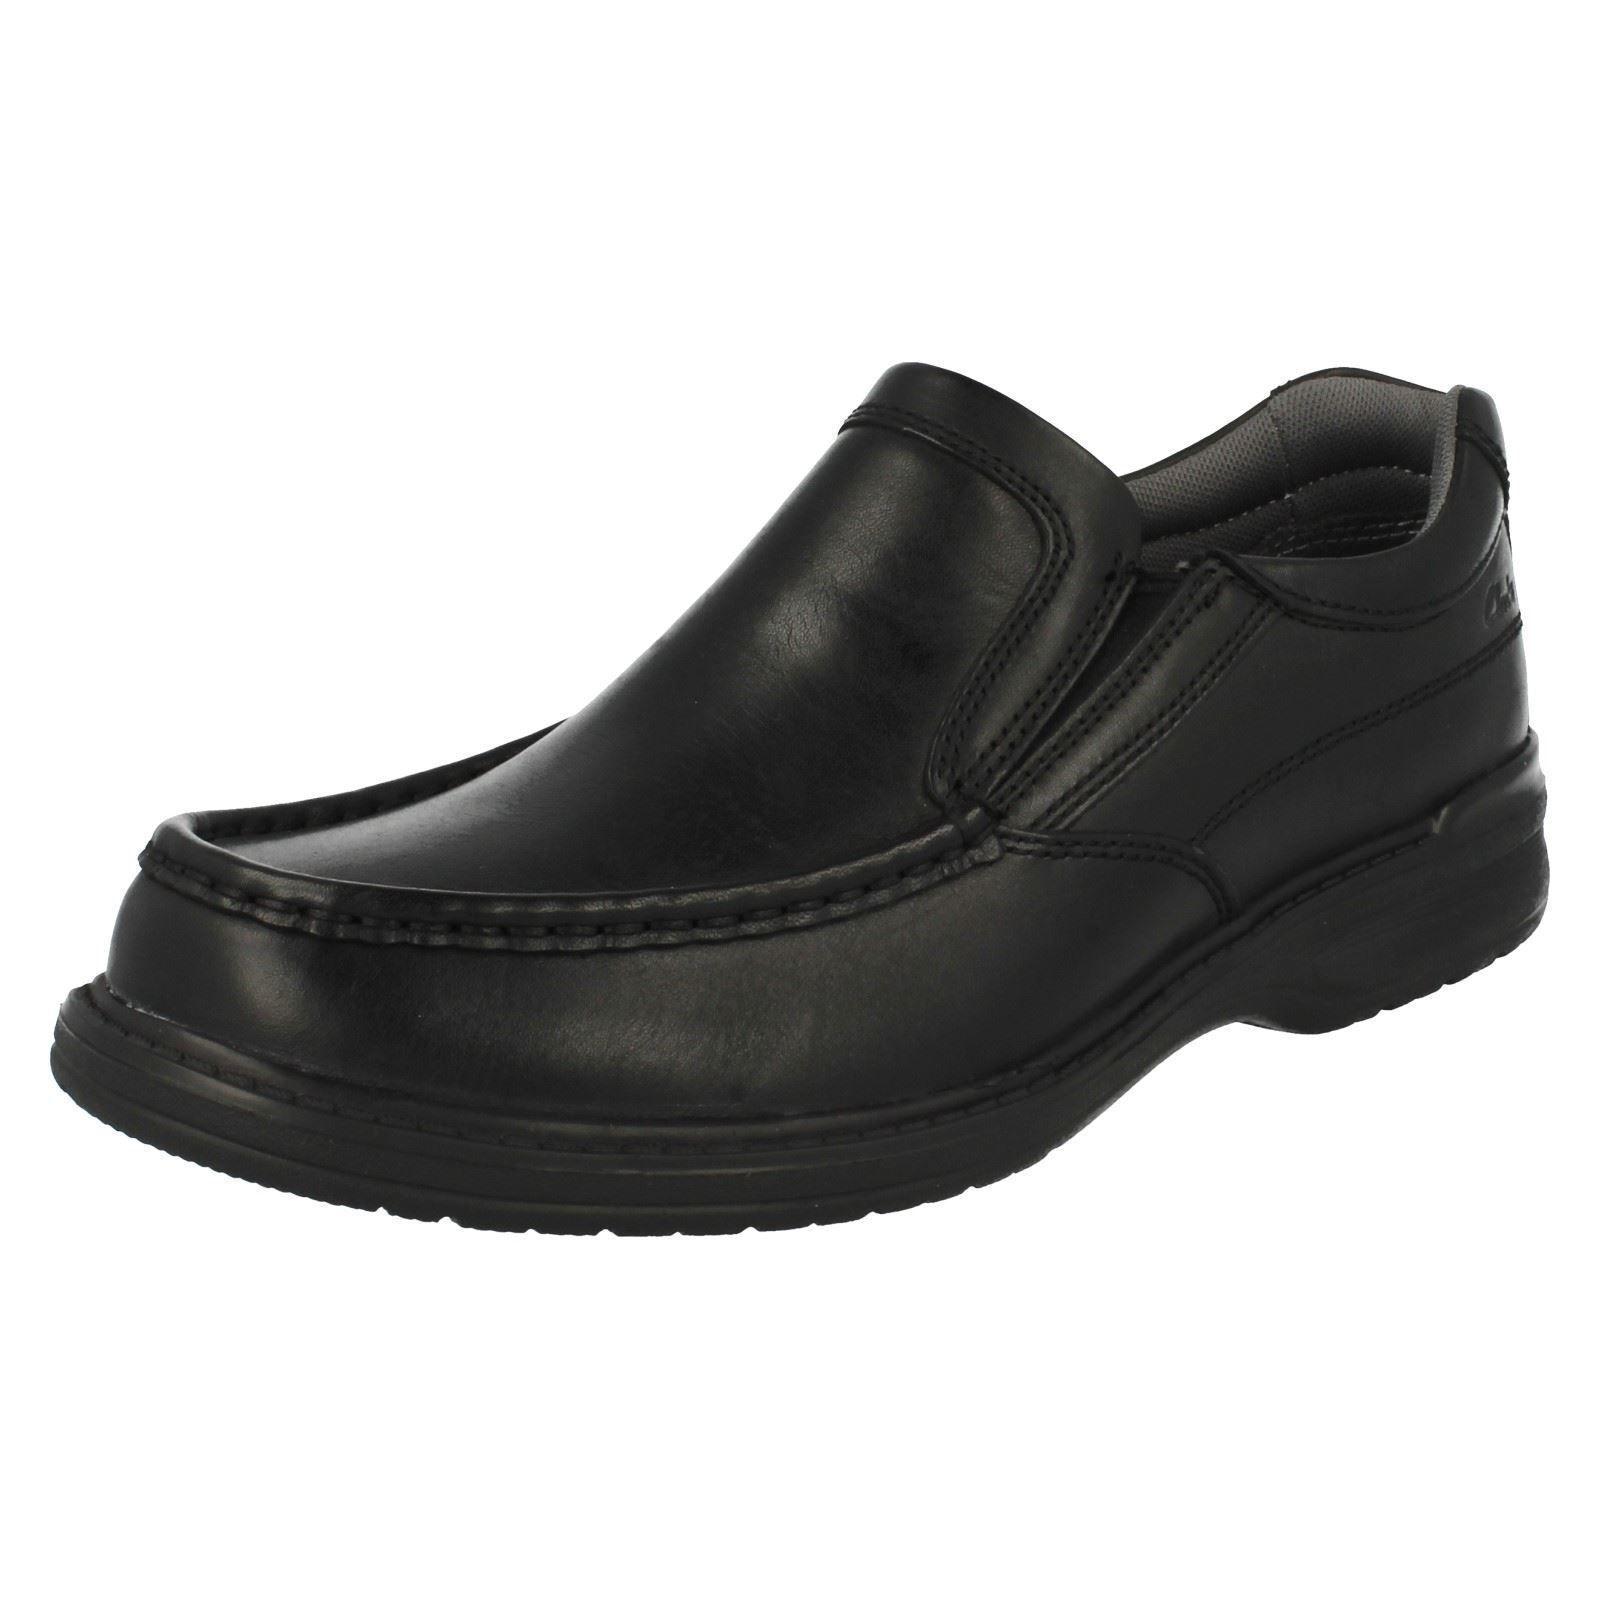 Homme Clarks Keeler étape Cuir Noir Décontracté à Enfiler Chaussures